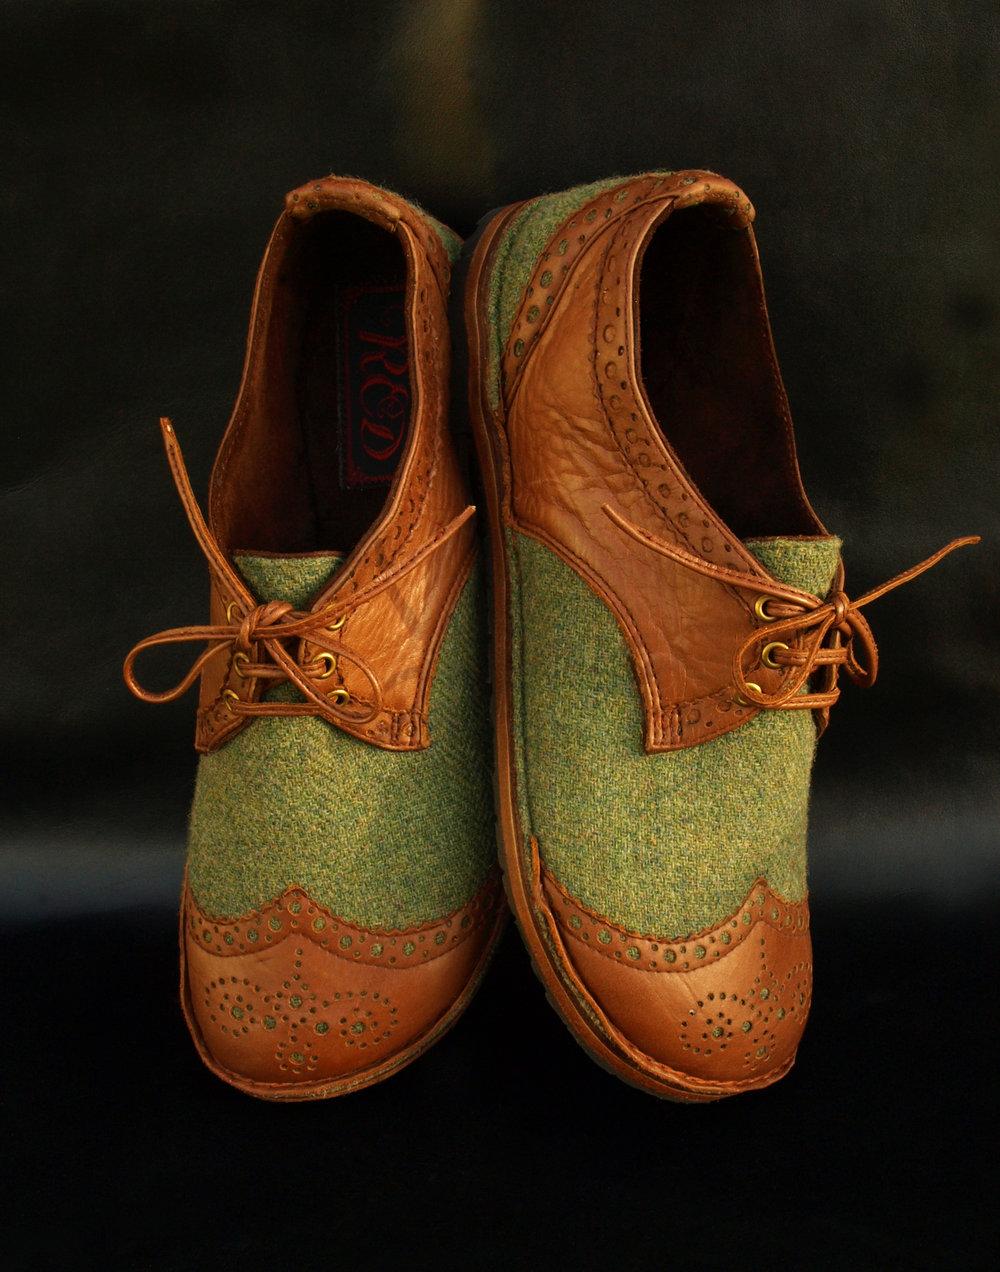 Harris Tweed shoes with tan brogue details (1).jpg